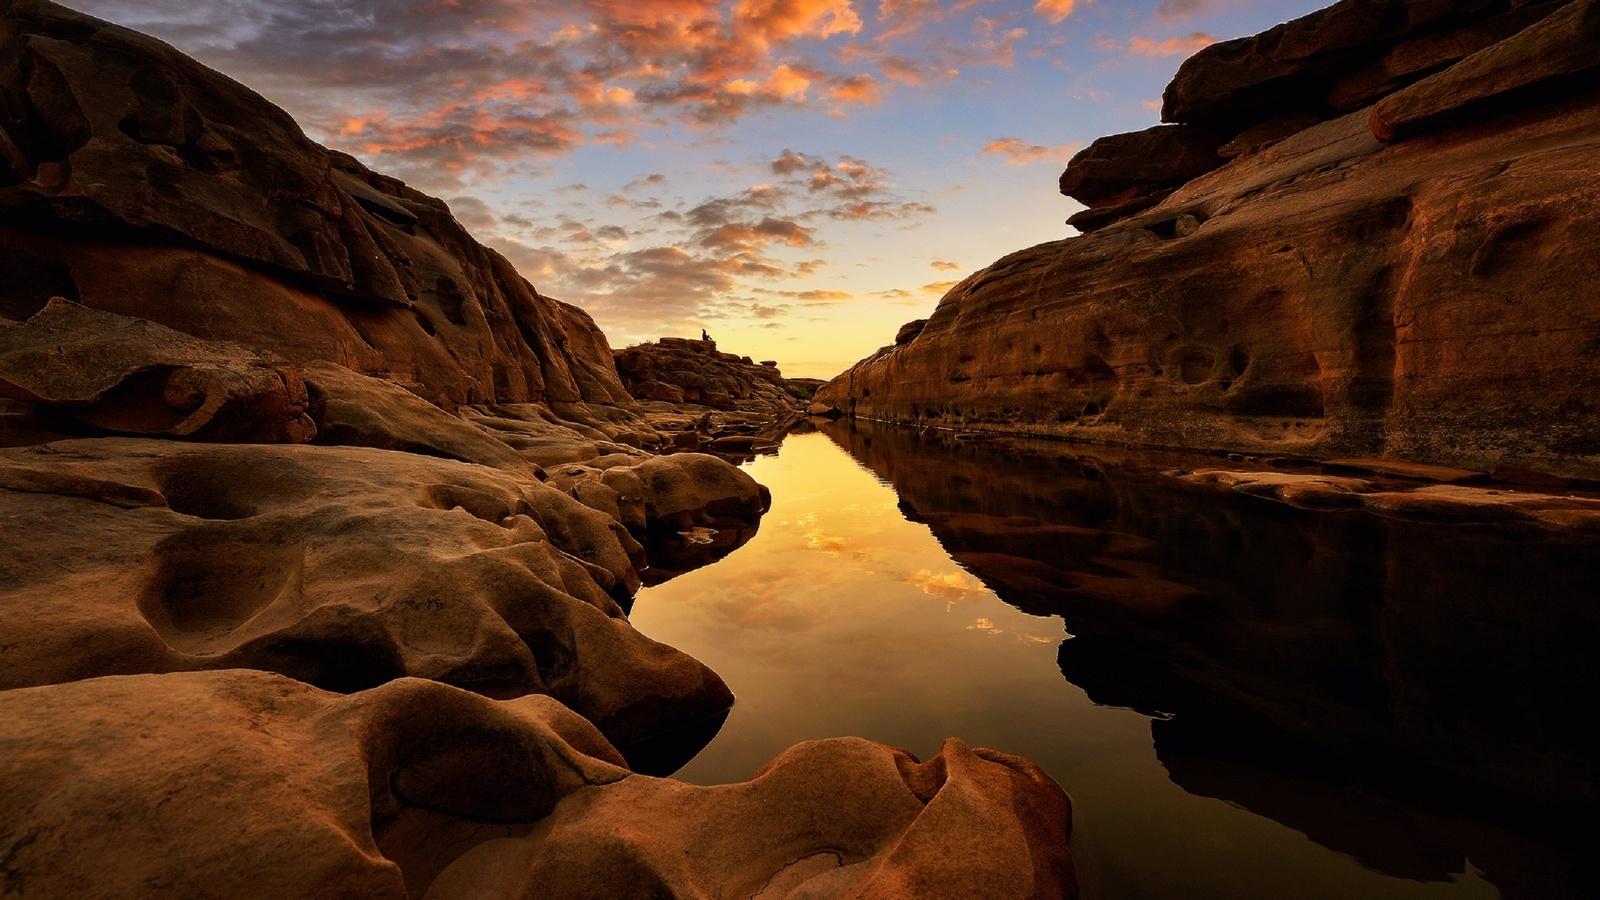 thailand, asia, travel, landscape, thai, river, rock, sunrise, cloud, saravut whanset